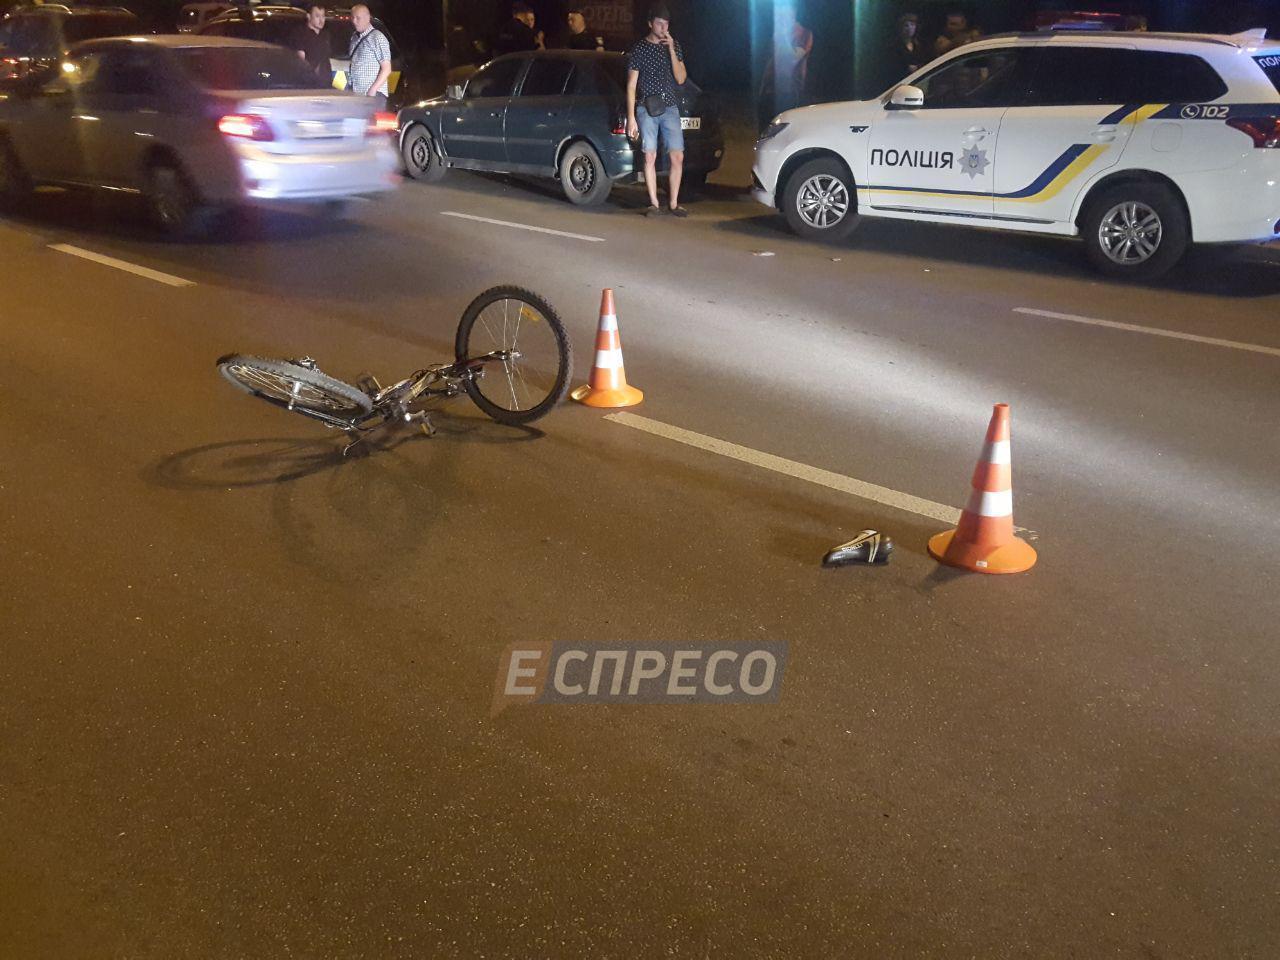 У Києві автомобіль з кортежу збив велосипедиста, поліцейські завадили влаштувати самосуд (фоторепортаж)